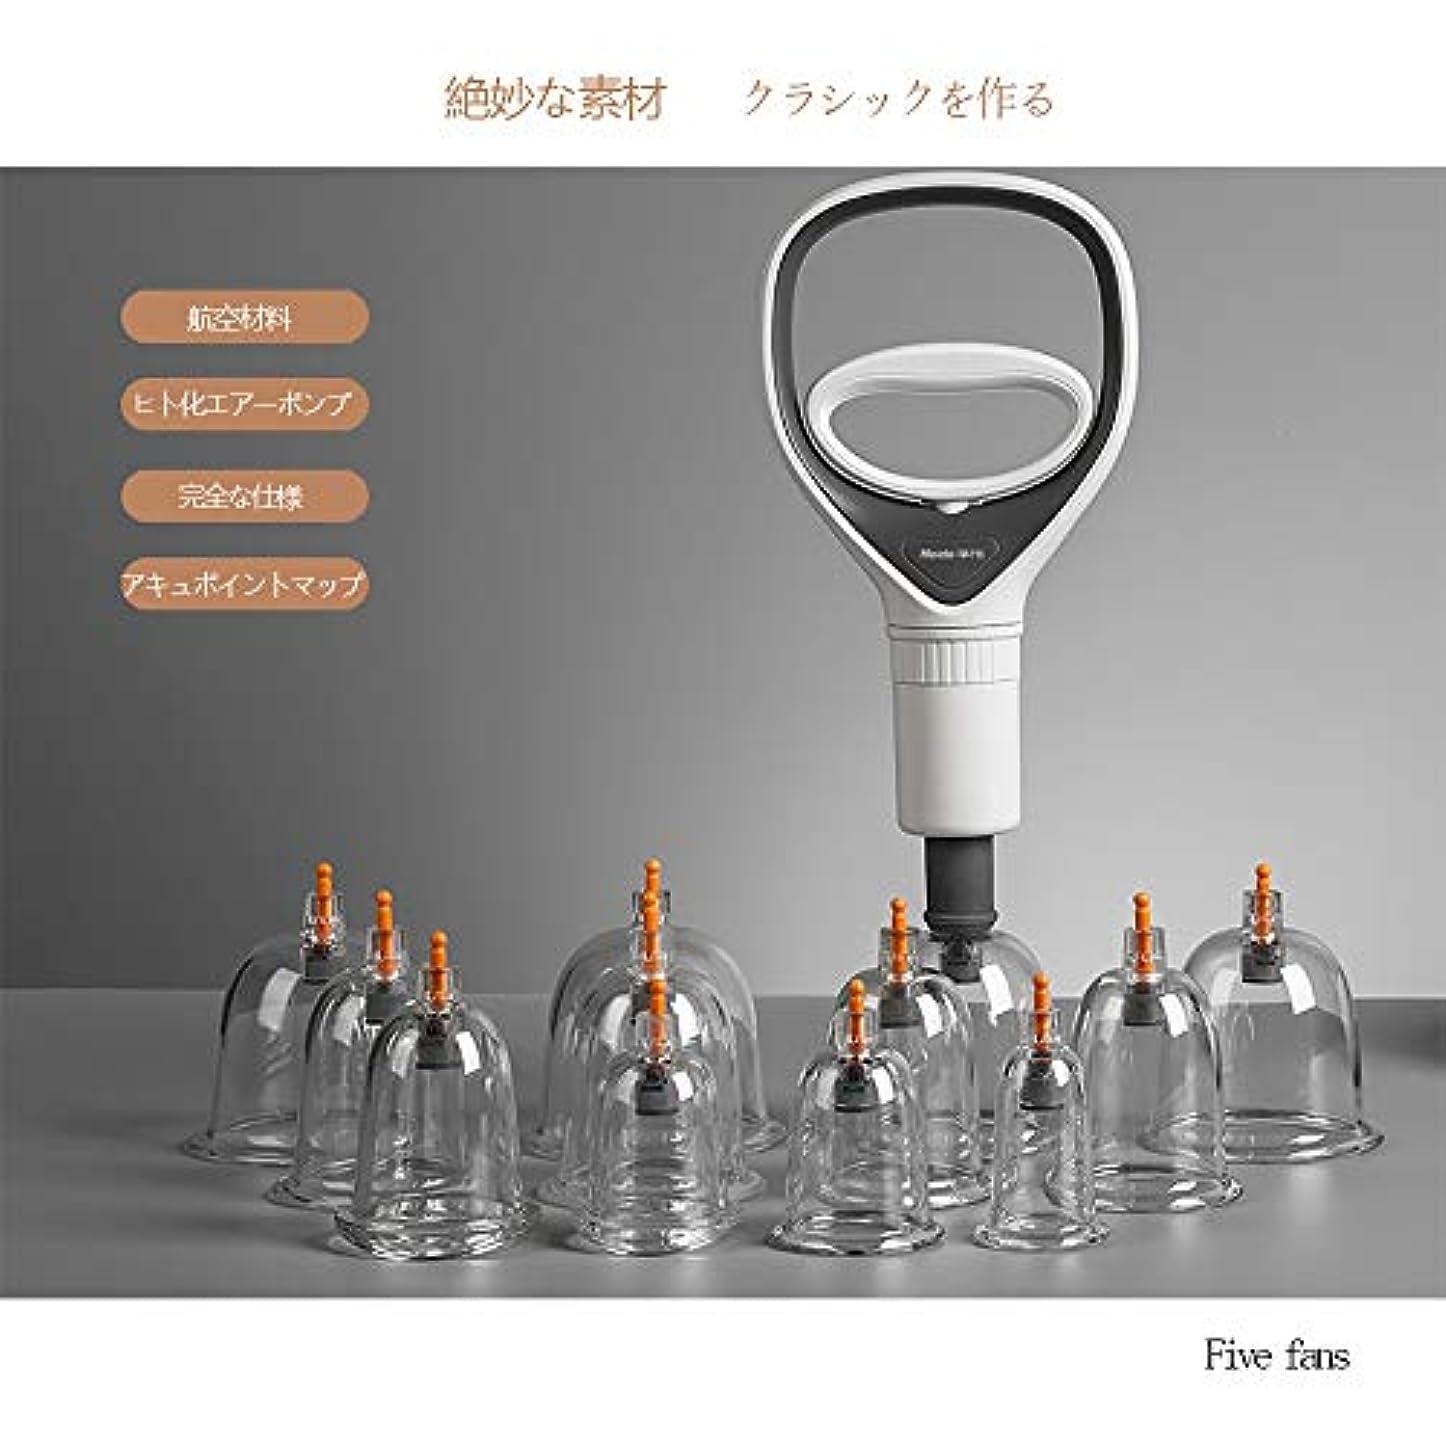 ピジンスタウト再発するカッピング 吸い玉 マッサージカップ 磁気 ポンプ付きカッピングセット 疲労解消 血液の循環を刺激 各部位対応8種類 12個セット(ギフトボックス付き)